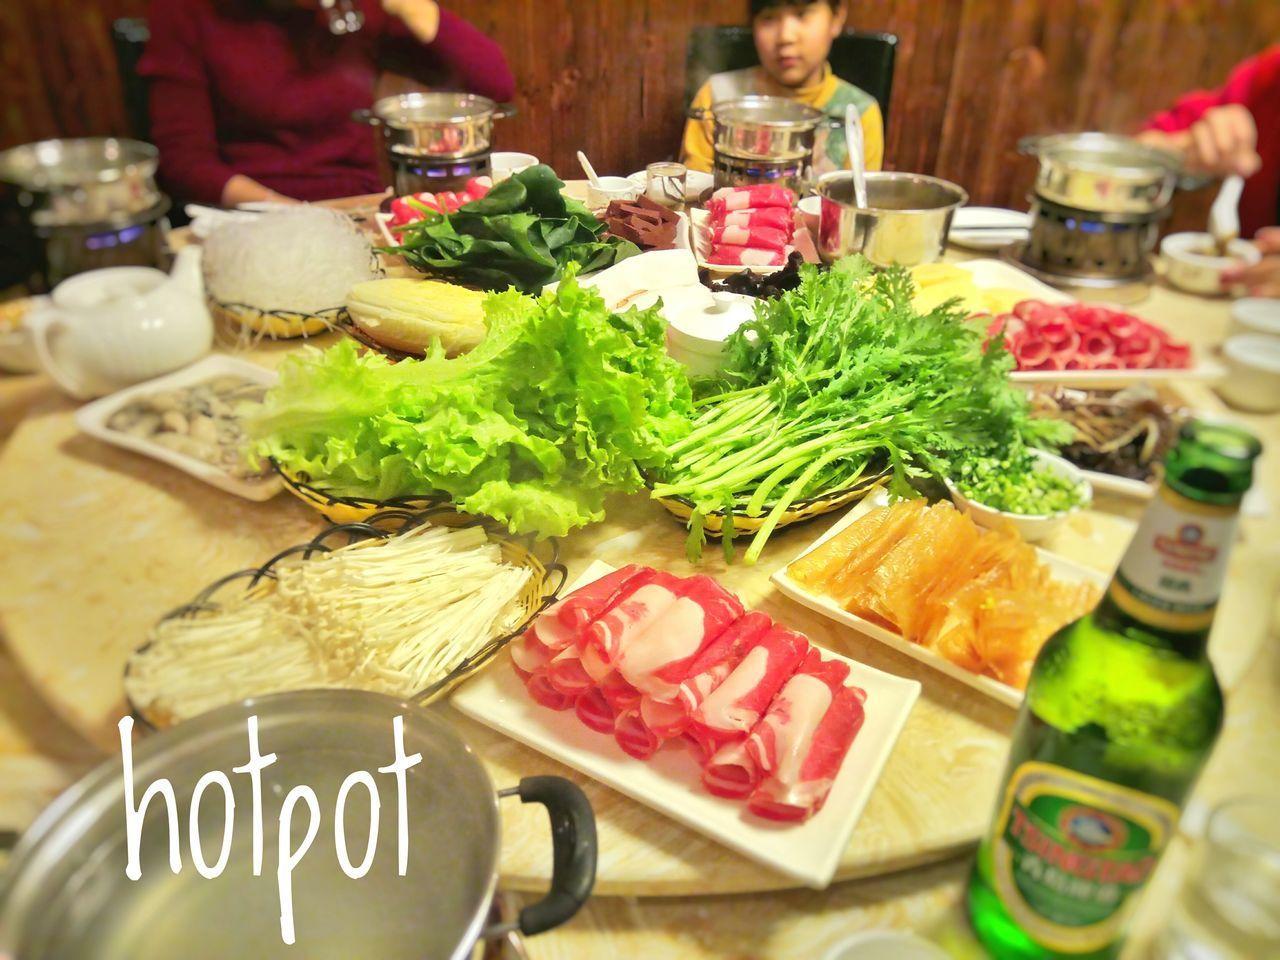 Hotpot Dinner FamilyTime Northeastcoast